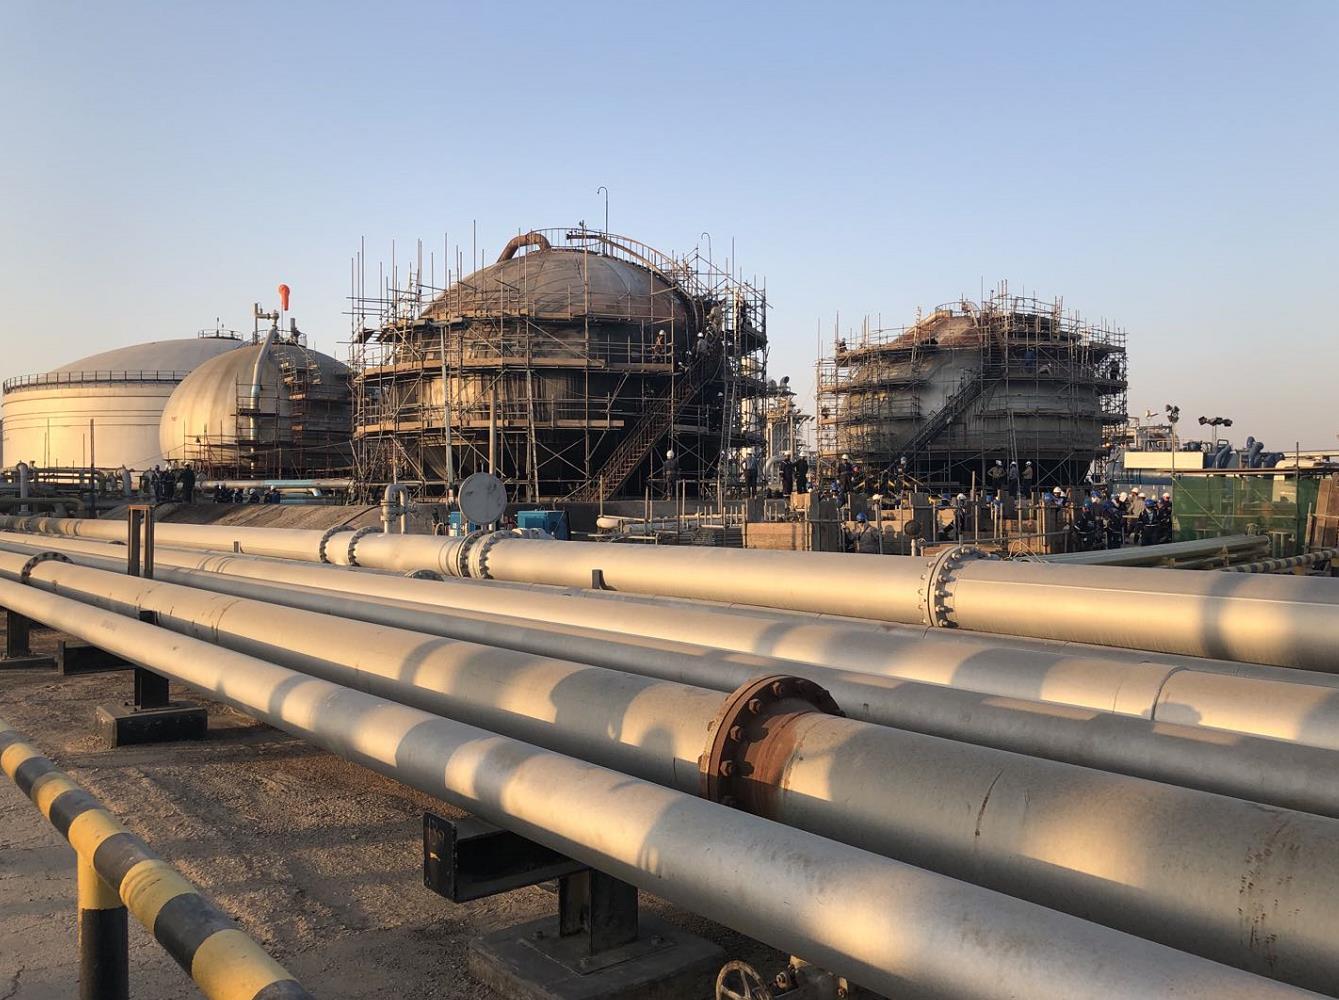 沙特西部一石油设施遇袭引发火灾